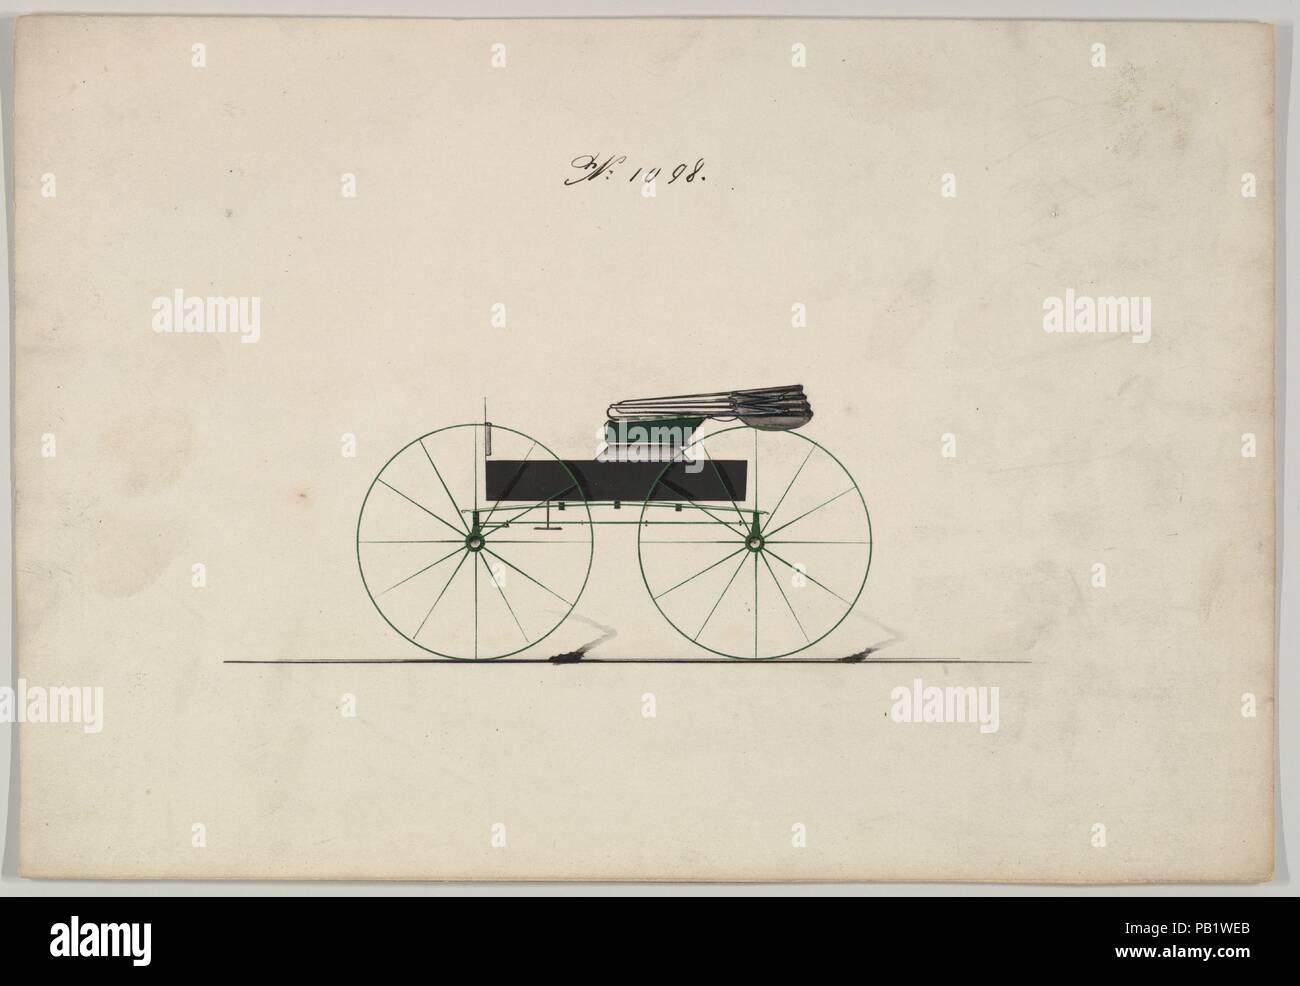 LE BON NUMERO - Page 9 Conception-pour-chariot-no-1098-fiche-technique-dimensions-6-3-4-x-9-7-8-in-17-1-x-25-1-cm-fabricant-brewster-co-americain-new-york-date-1850-70-brewster-et-historique-de-l-entreprise-creee-en-1810-par-james-brewster-1788-1866-a-new-haven-connecticut-brewster-company-specialisee-dans-la-fabrication-de-voitures-fine-le-fondateur-a-ouvert-un-showroom-de-new-york-en-1827-au-53-54-rue-large-et-l-entreprise-a-prospere-sous-des-generations-de-direction-de-la-famille-necessite-d-extension-se-deplace-autour-de-la-partie-basse-de-manhattan-avec-des-changements-de-nom-qui-reflete-l-evolution-de-la-gestion-james-brewster-sons-a-fonctionne-a-2-pb1web